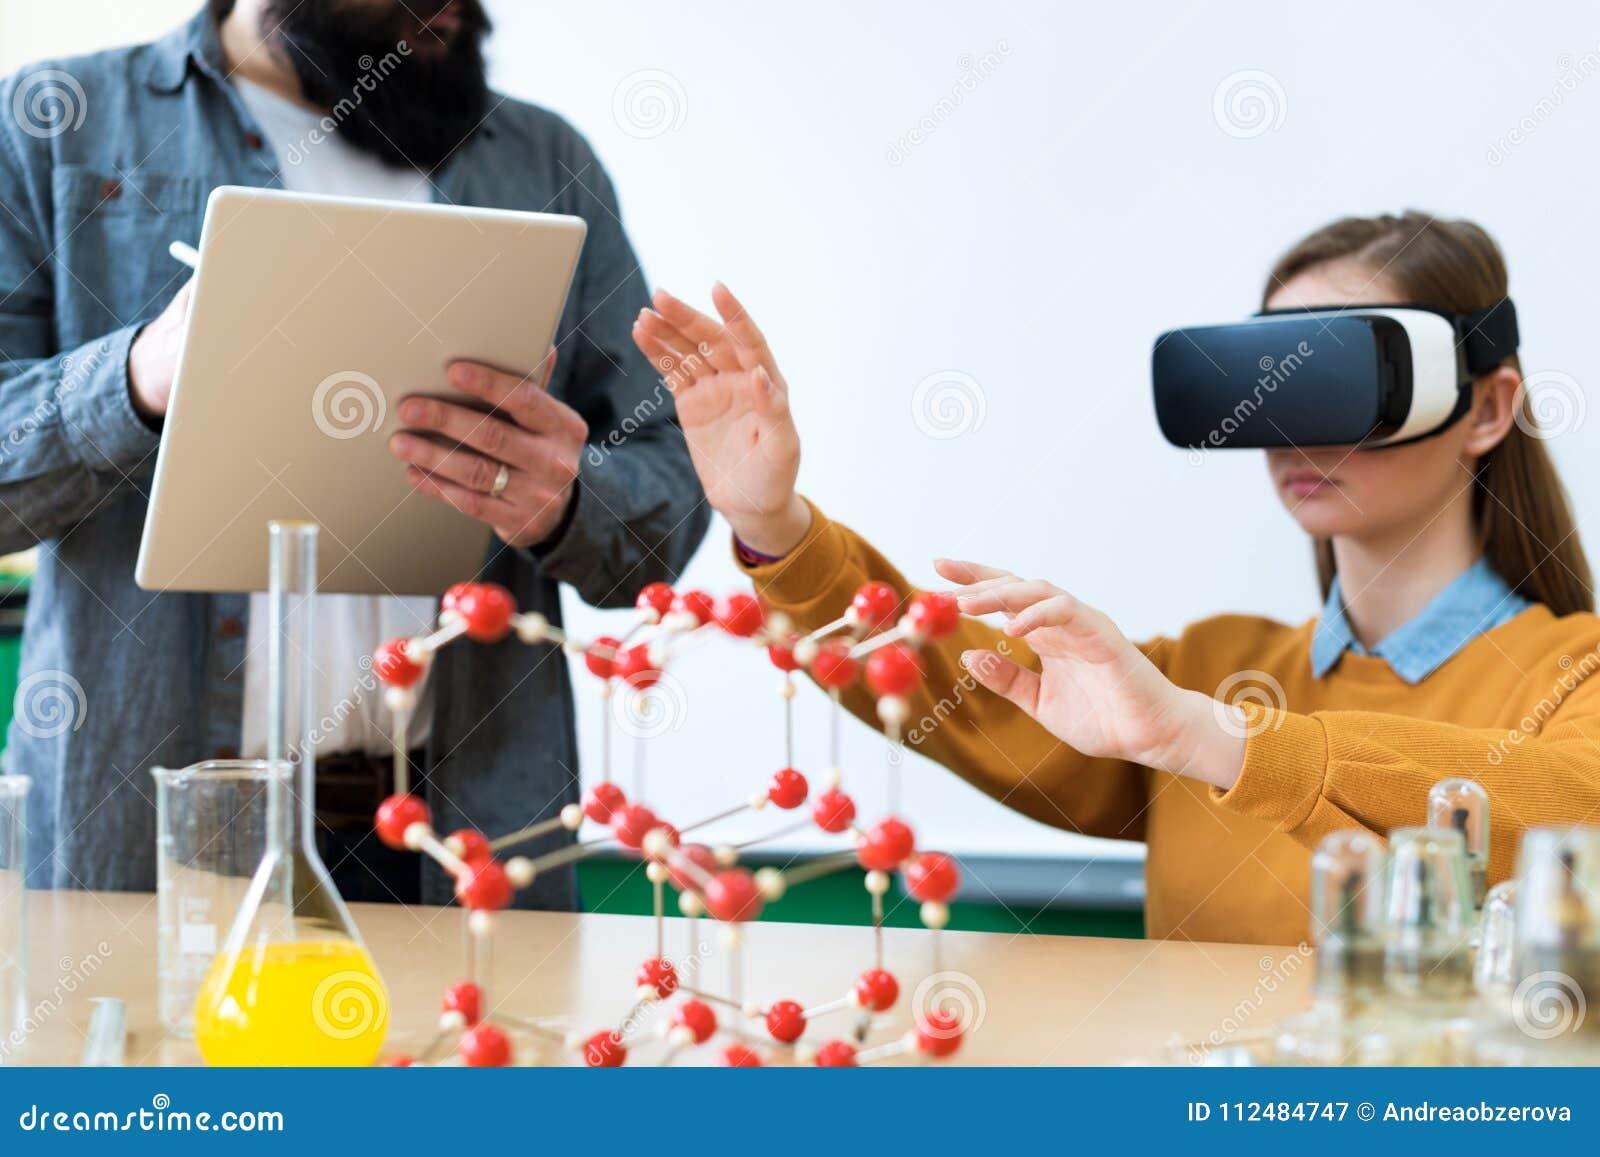 Professor novo que usa vidros da realidade virtual e apresentação 3D para ensinar estudantes na classe de química Educação, VR, t